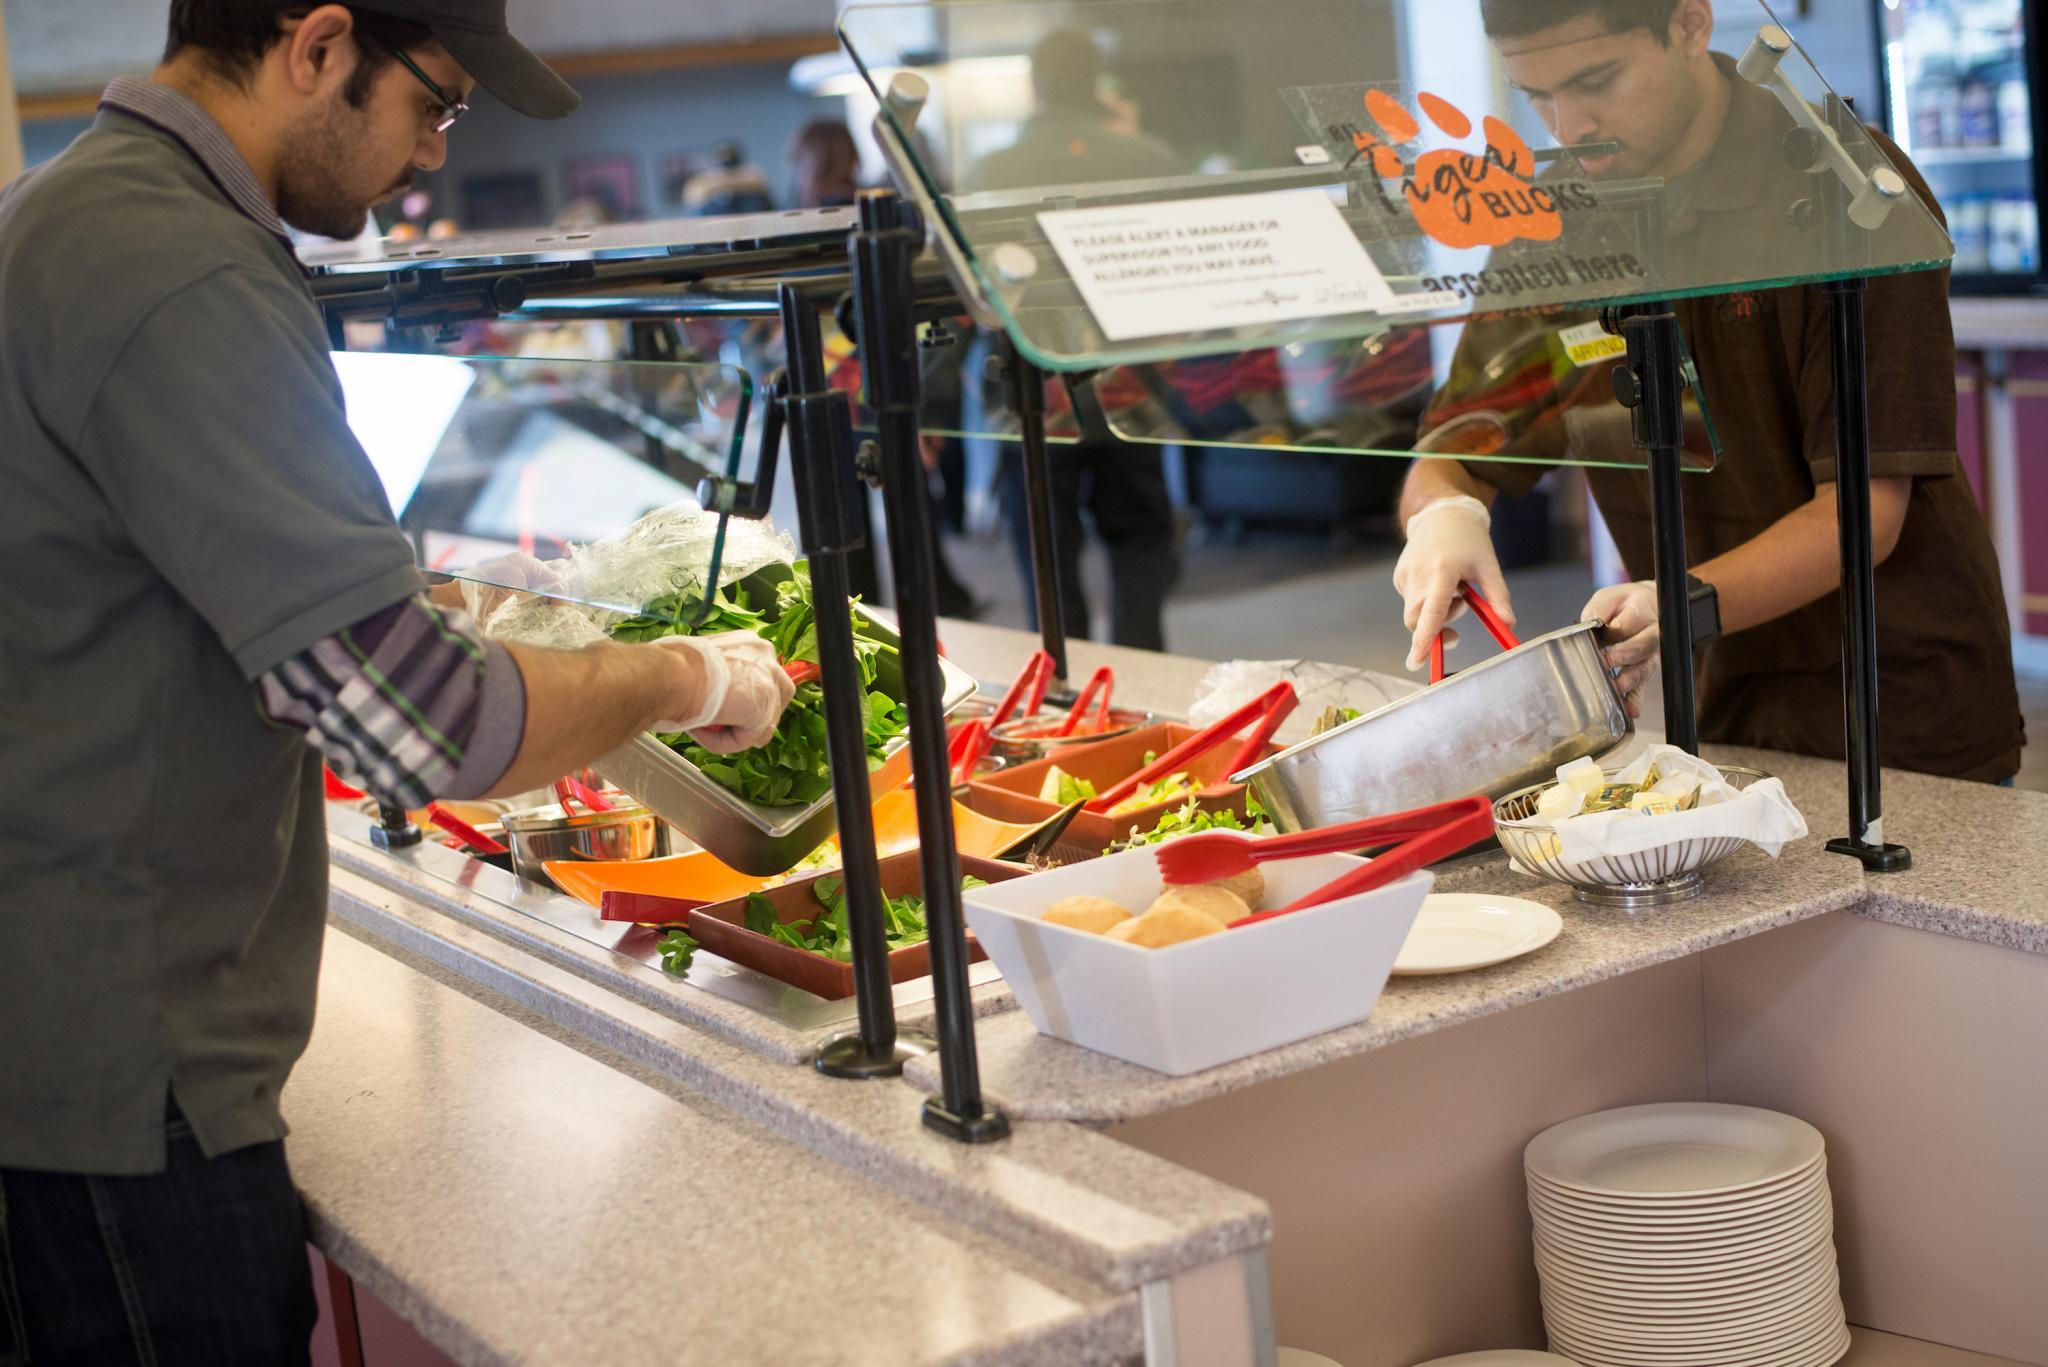 Greek City Cafe Salad Nutrition